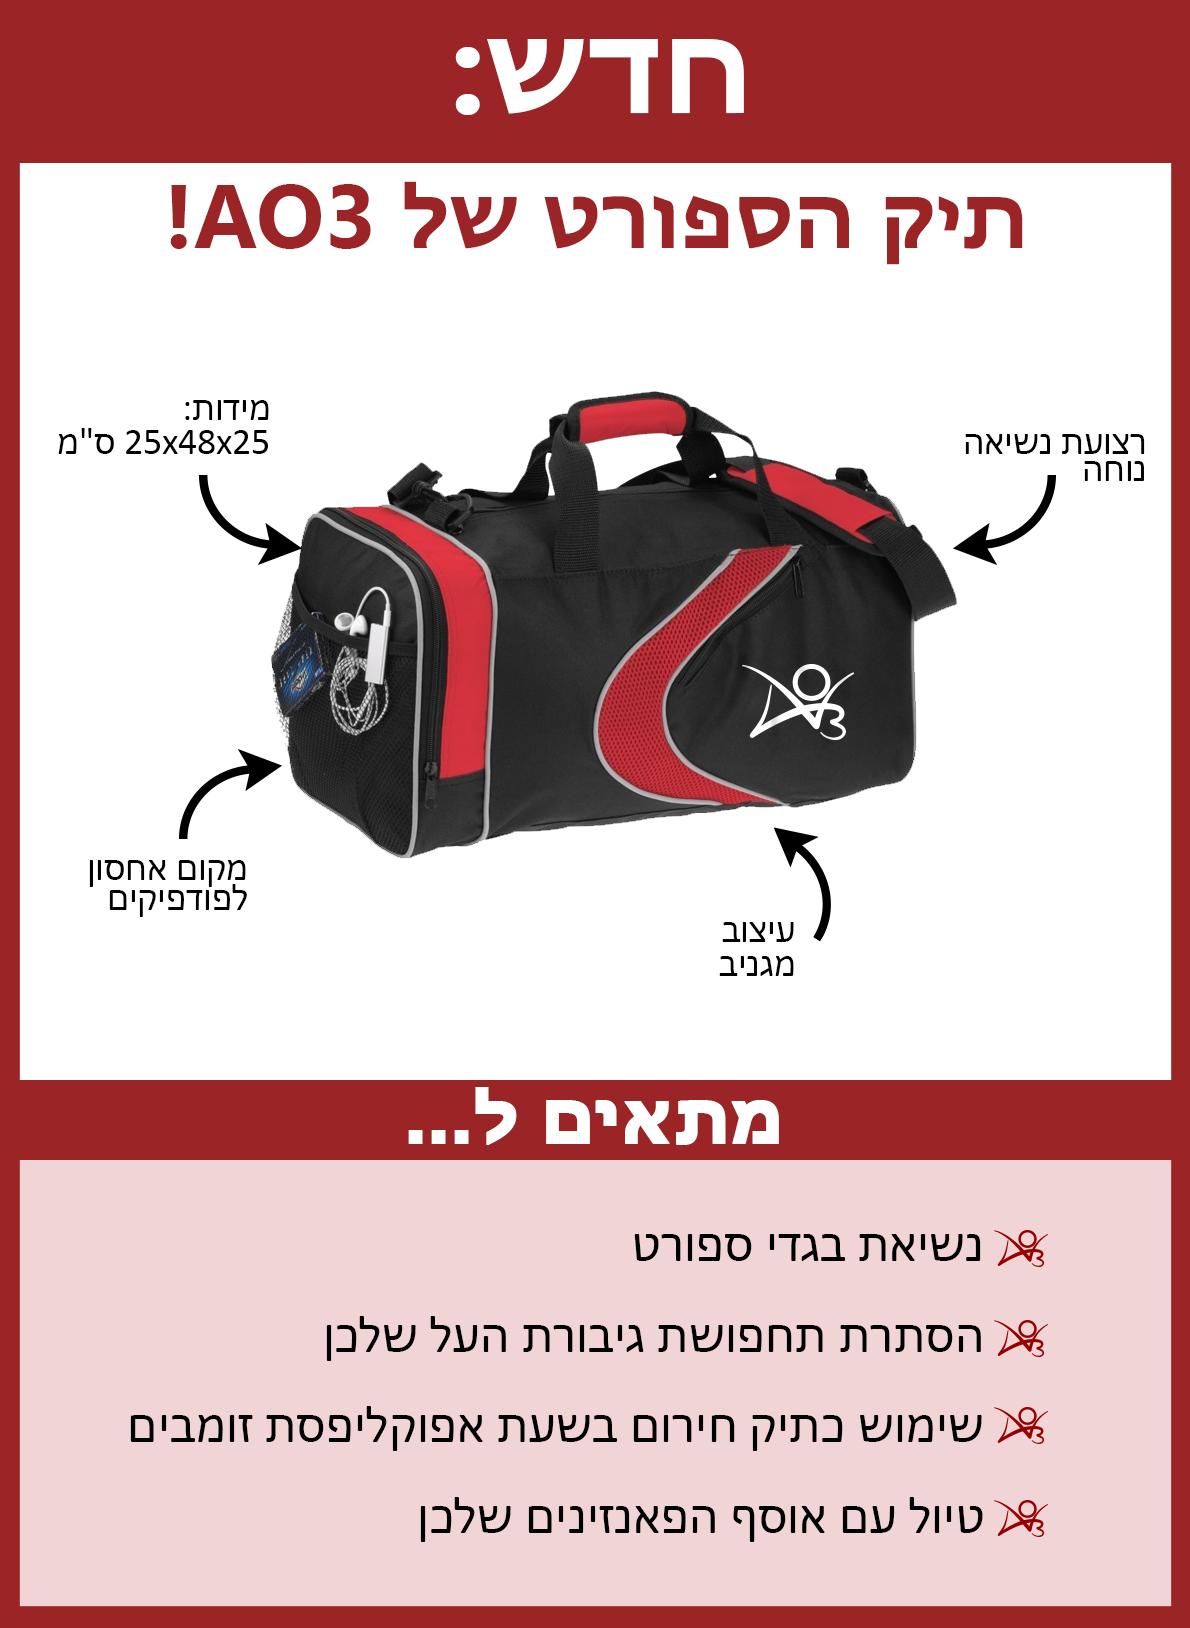 """הכירו את תיק הספורט של AO3. התיק שחור עם עיטורים באדום, ובצידו פס גלי אדום ולוגו AO3 לבן. מידות התיק 25x48x25 ס""""מ, והוא כולל רצועת נשיאה נוחה לתלייה על הכתף וכיס רשת צדי לאחסון הנגן עם הפודפיקים לדרך. מצוין כתיק לבגדי התעמלות או לתלבושת גיבורת-על, כתיק פק""""ל הימלטות בשעת אפוקליפסת זומבים, או כמנשא לאוסף הפאנזינים שלכן."""